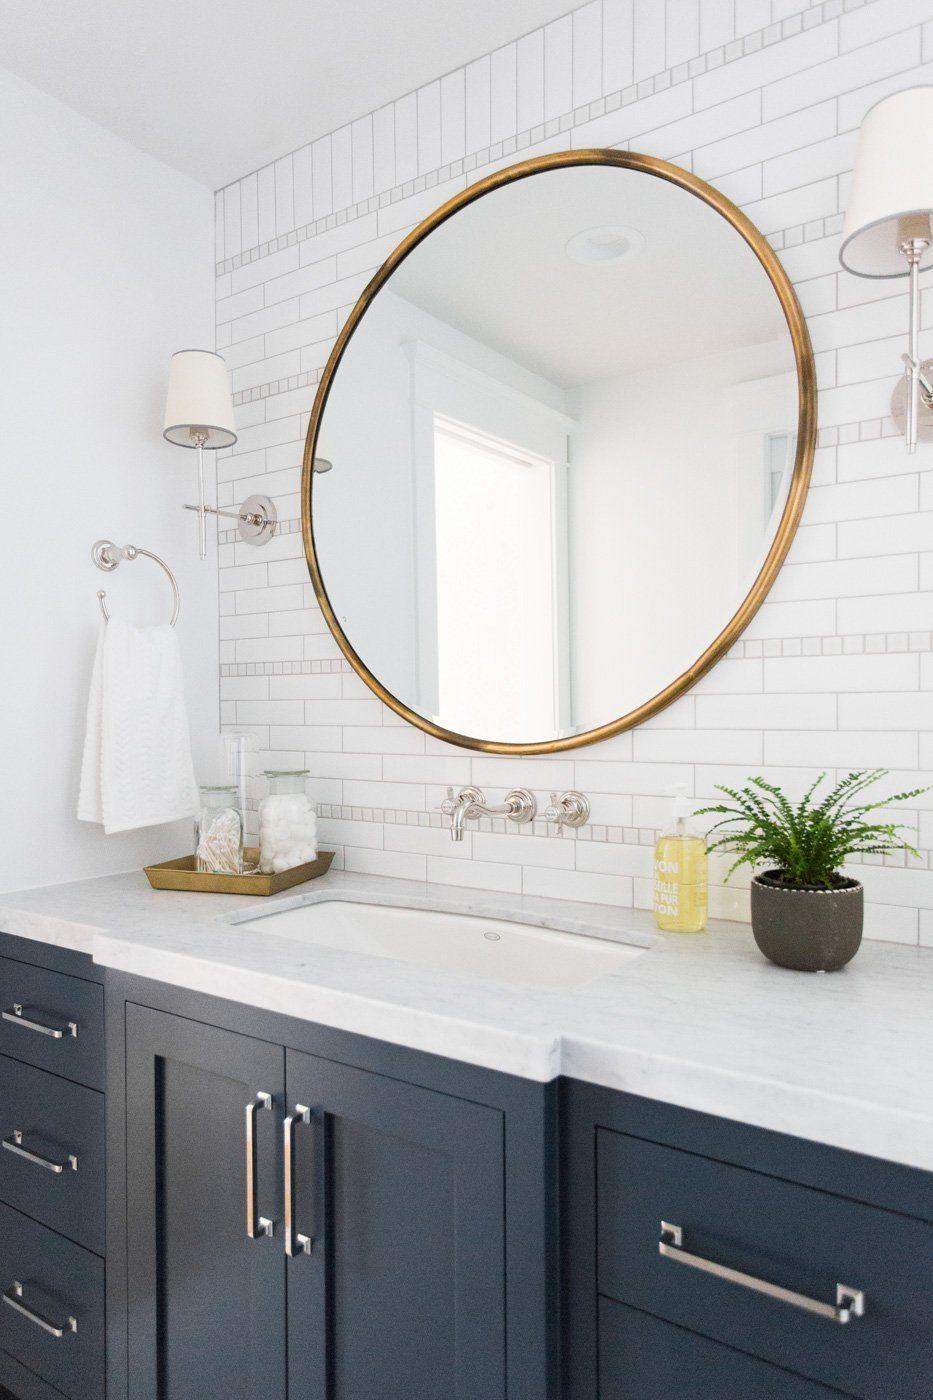 Windsong Tour Basement Pt 1 Round Mirror Bathroom Bathroom Mirror Minimalist Mirrors [ 1400 x 933 Pixel ]